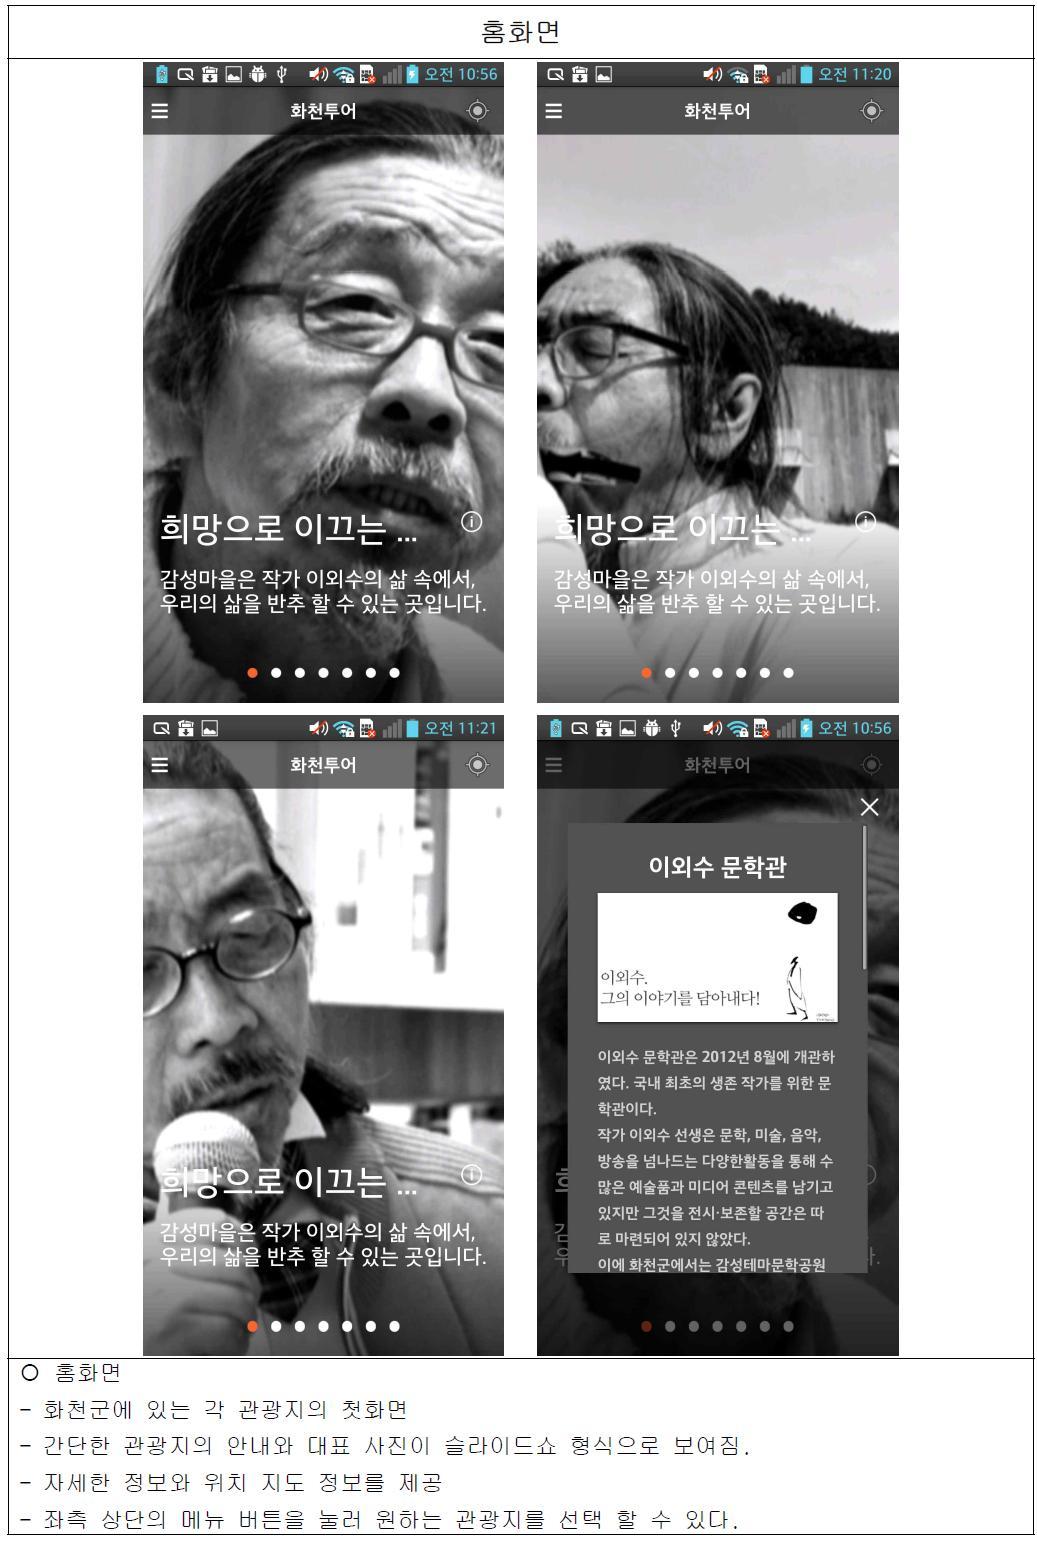 화천 관광 앱 홈 화면